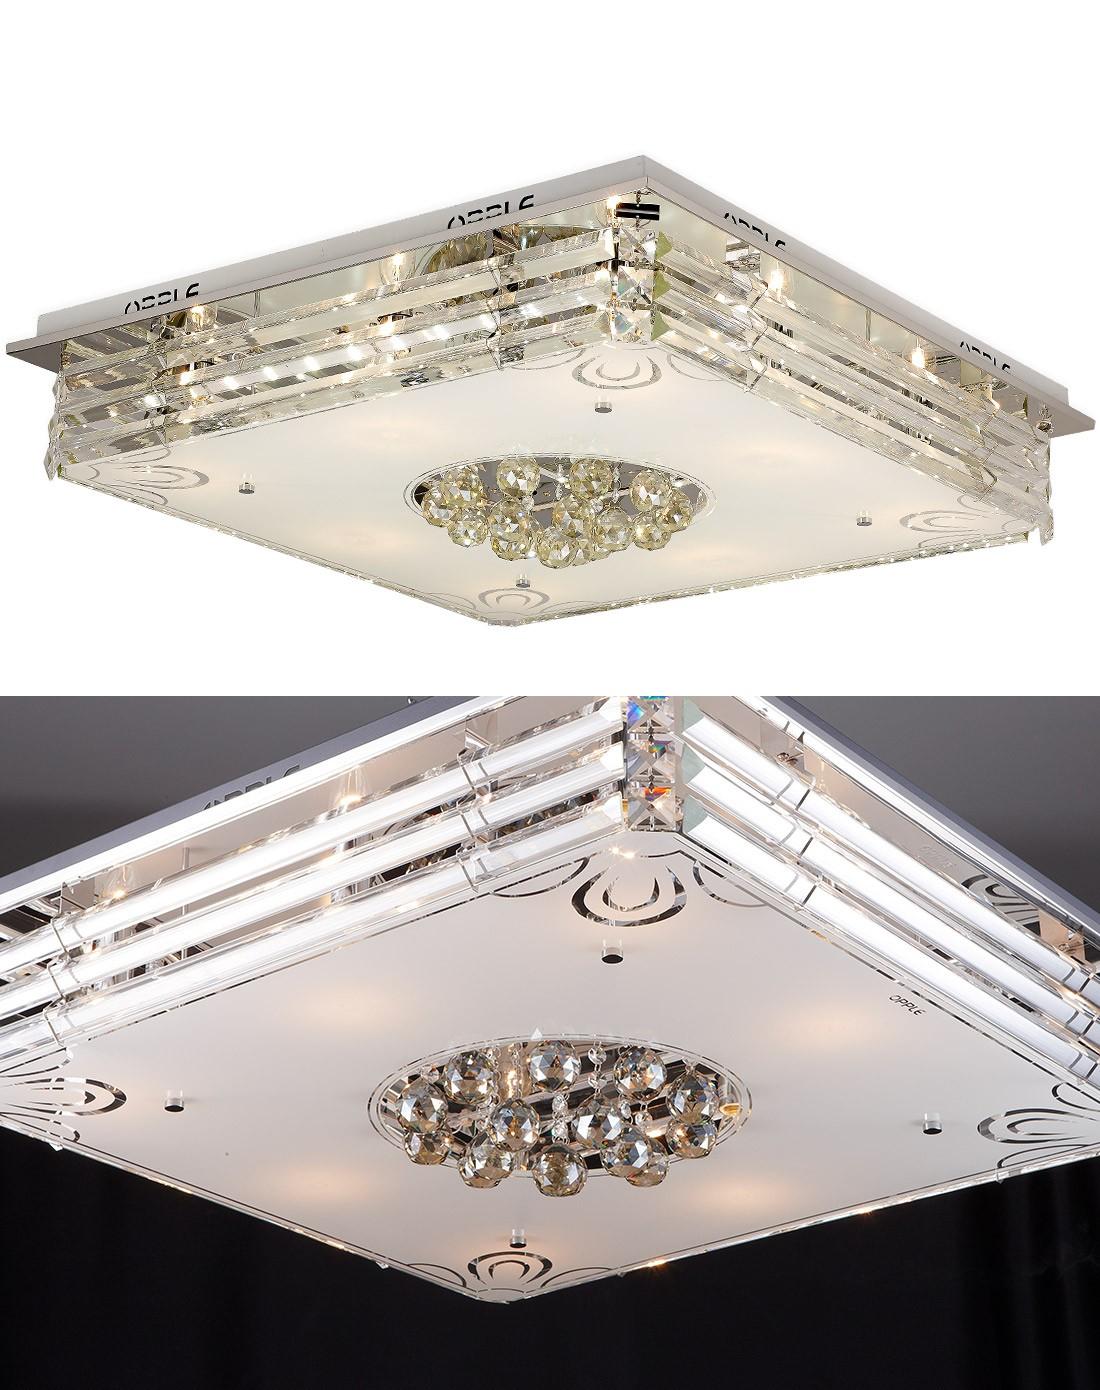 欧普照明专场顶级k9水晶灯分段led客厅灯天鹅湖12-hd图片